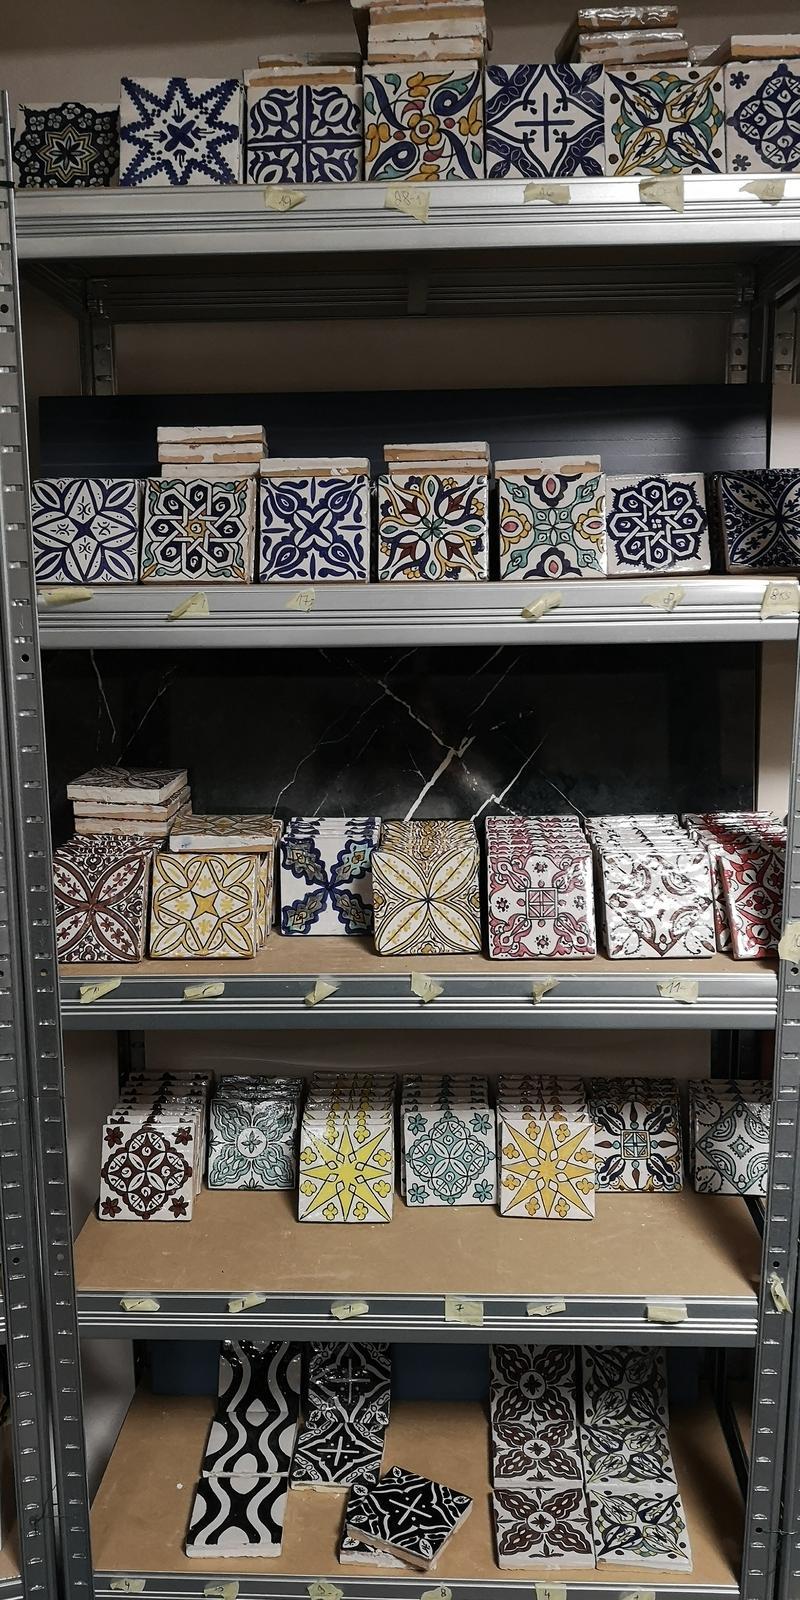 Marocké komplet Hand made - Obrázok č. 1